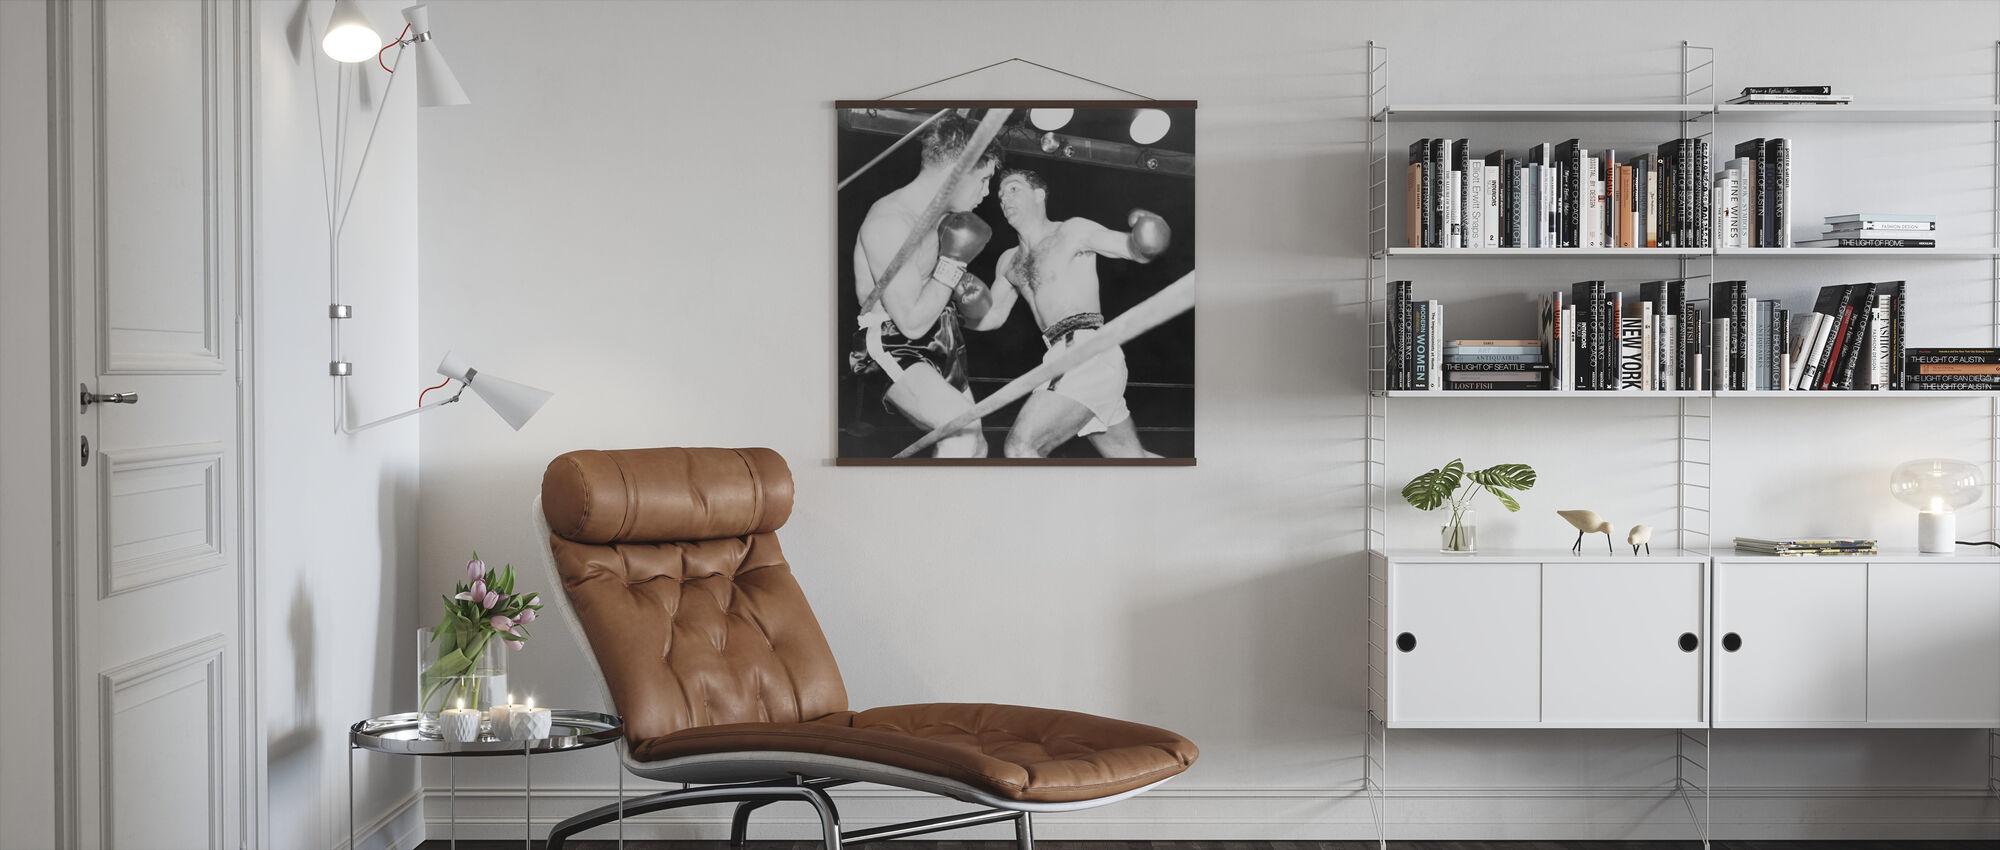 Rocky Marciano vs Roland LaStarza - Poster - Living Room